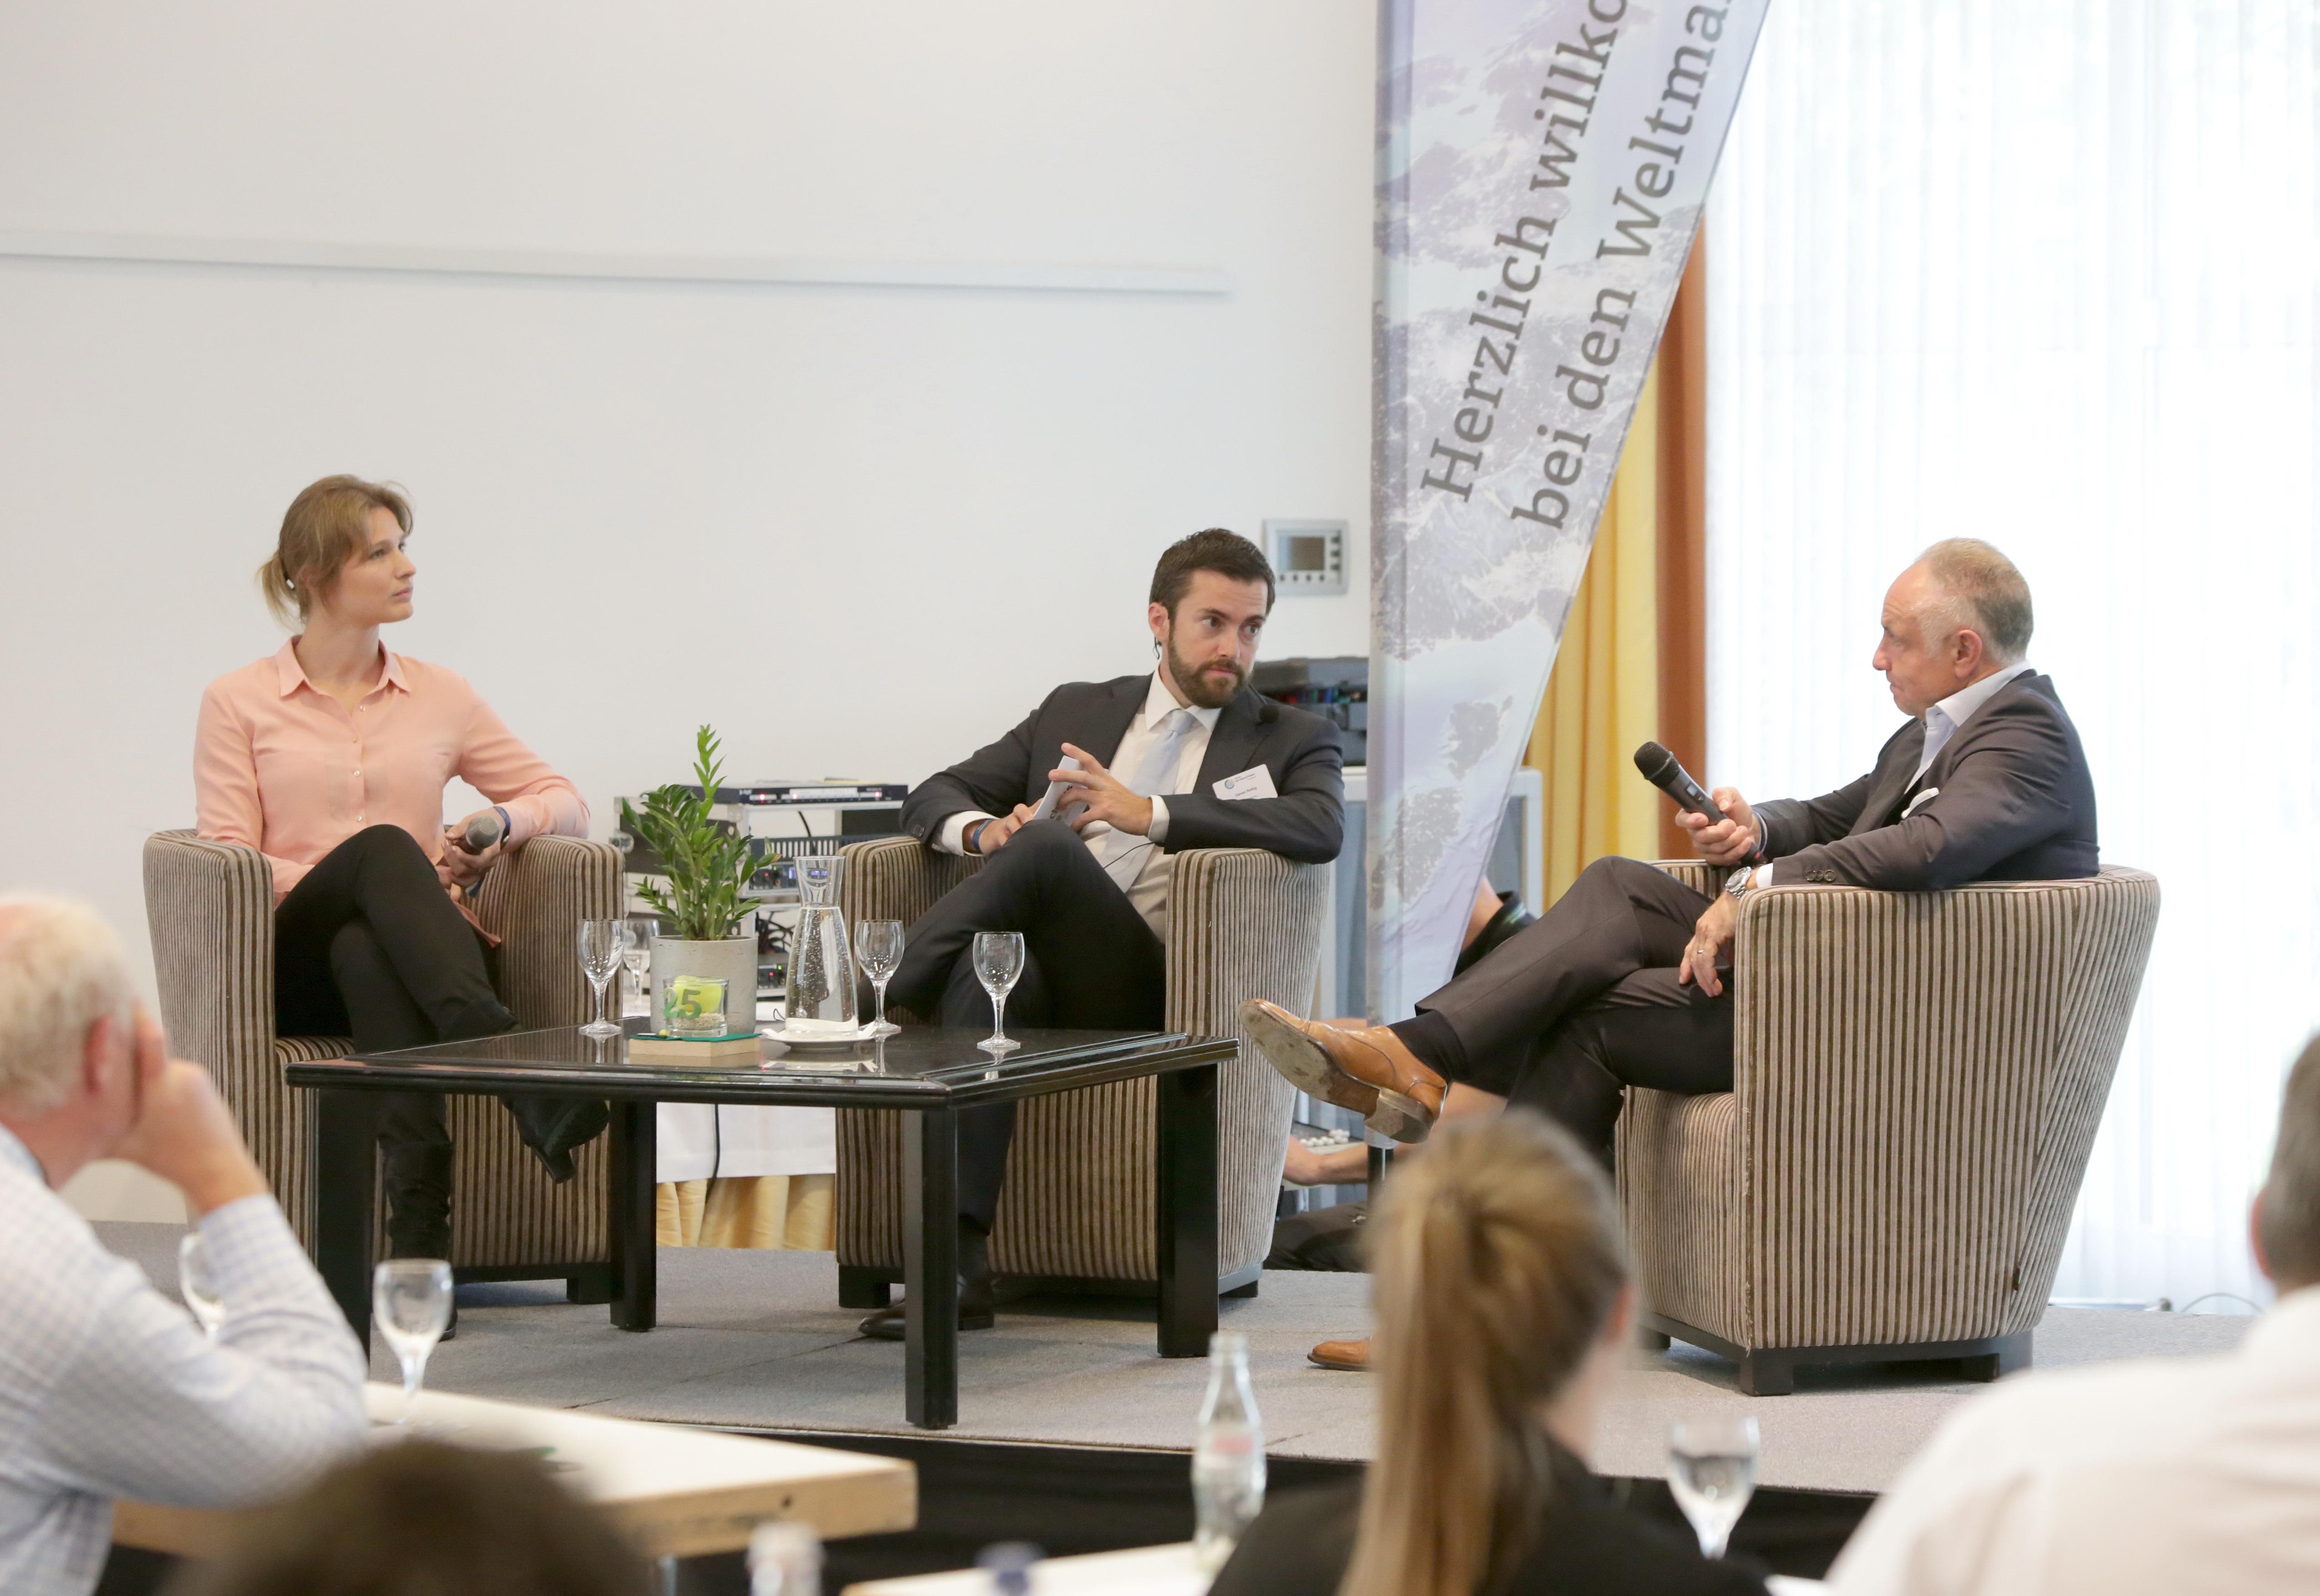 """Michael Rummenigge bei einer Veranstaltung der """"Wirtschaftswoche"""" in Halle/Westfalen"""